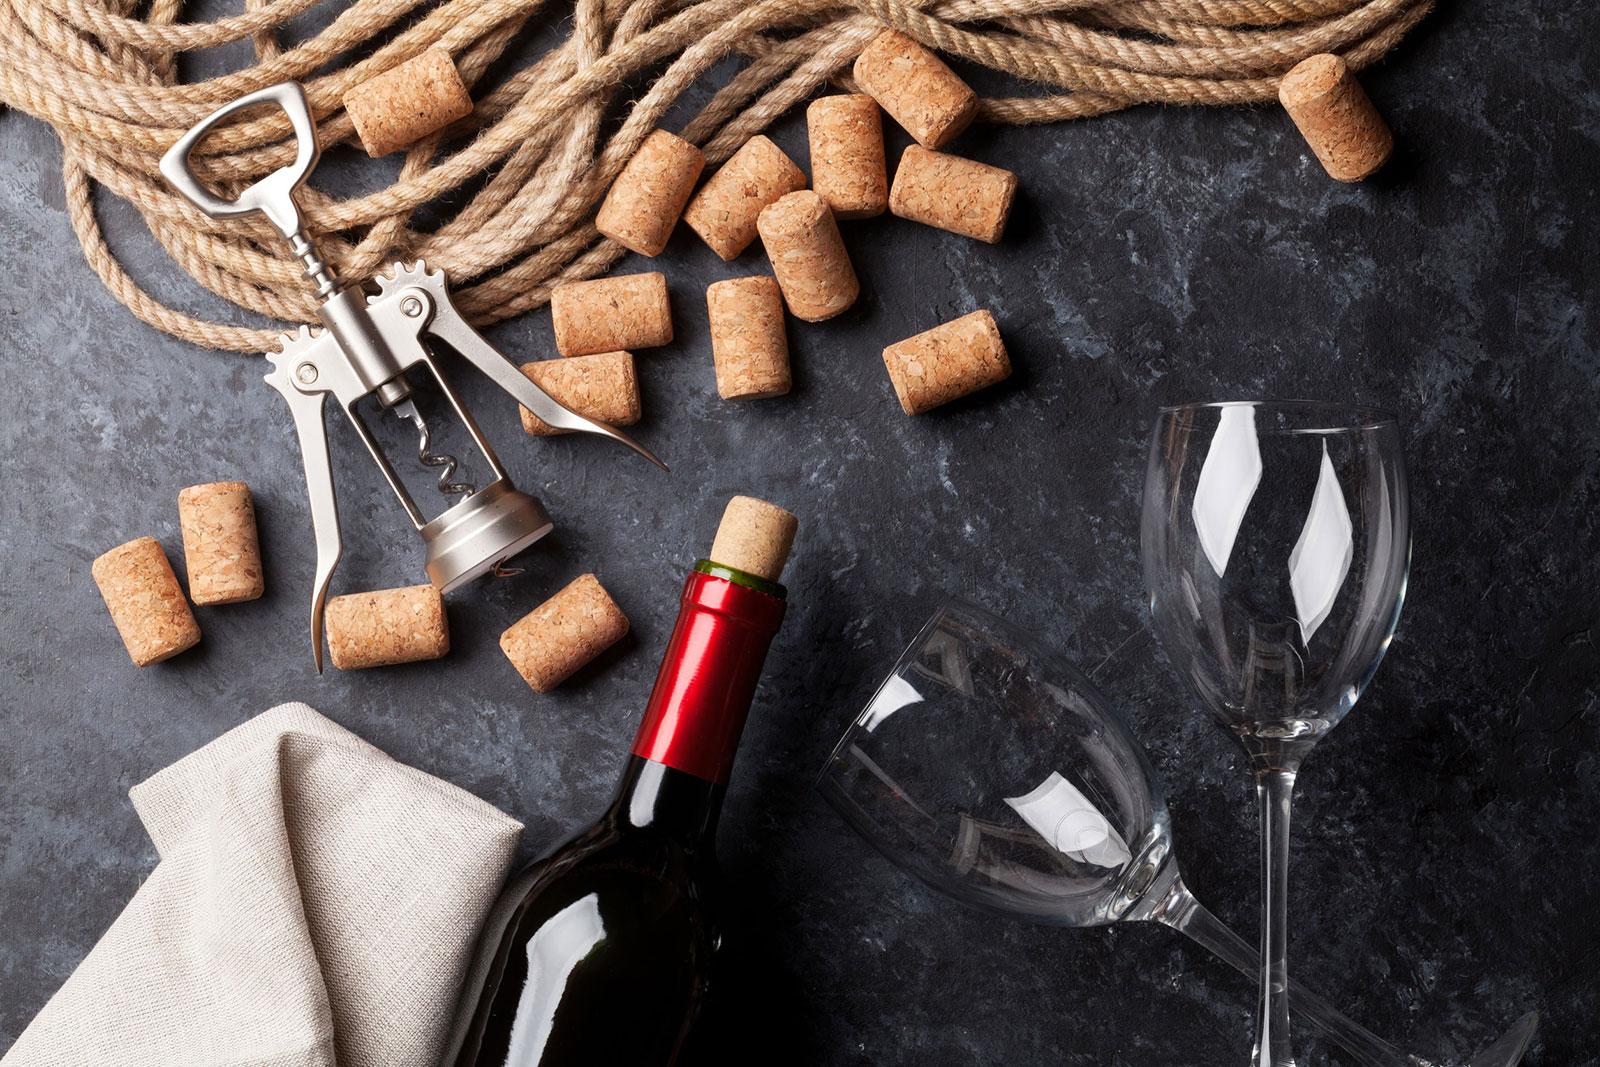 come-aprire-una-bottiglia-di-vino-02